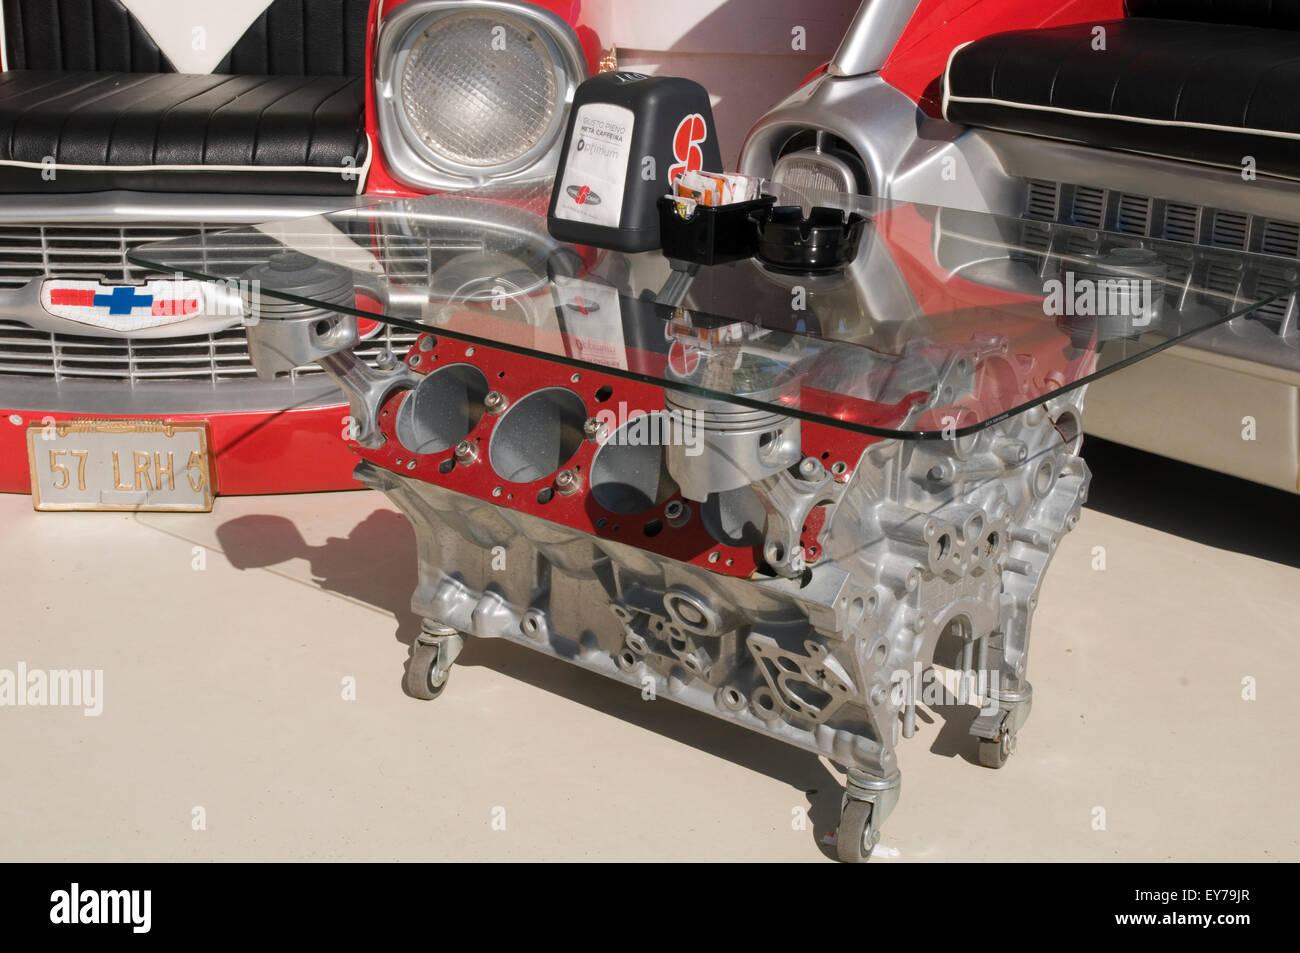 Moteur Bloc Table Petrolhead Passionné Blocs De V8 Basse Tables SzMqUVp